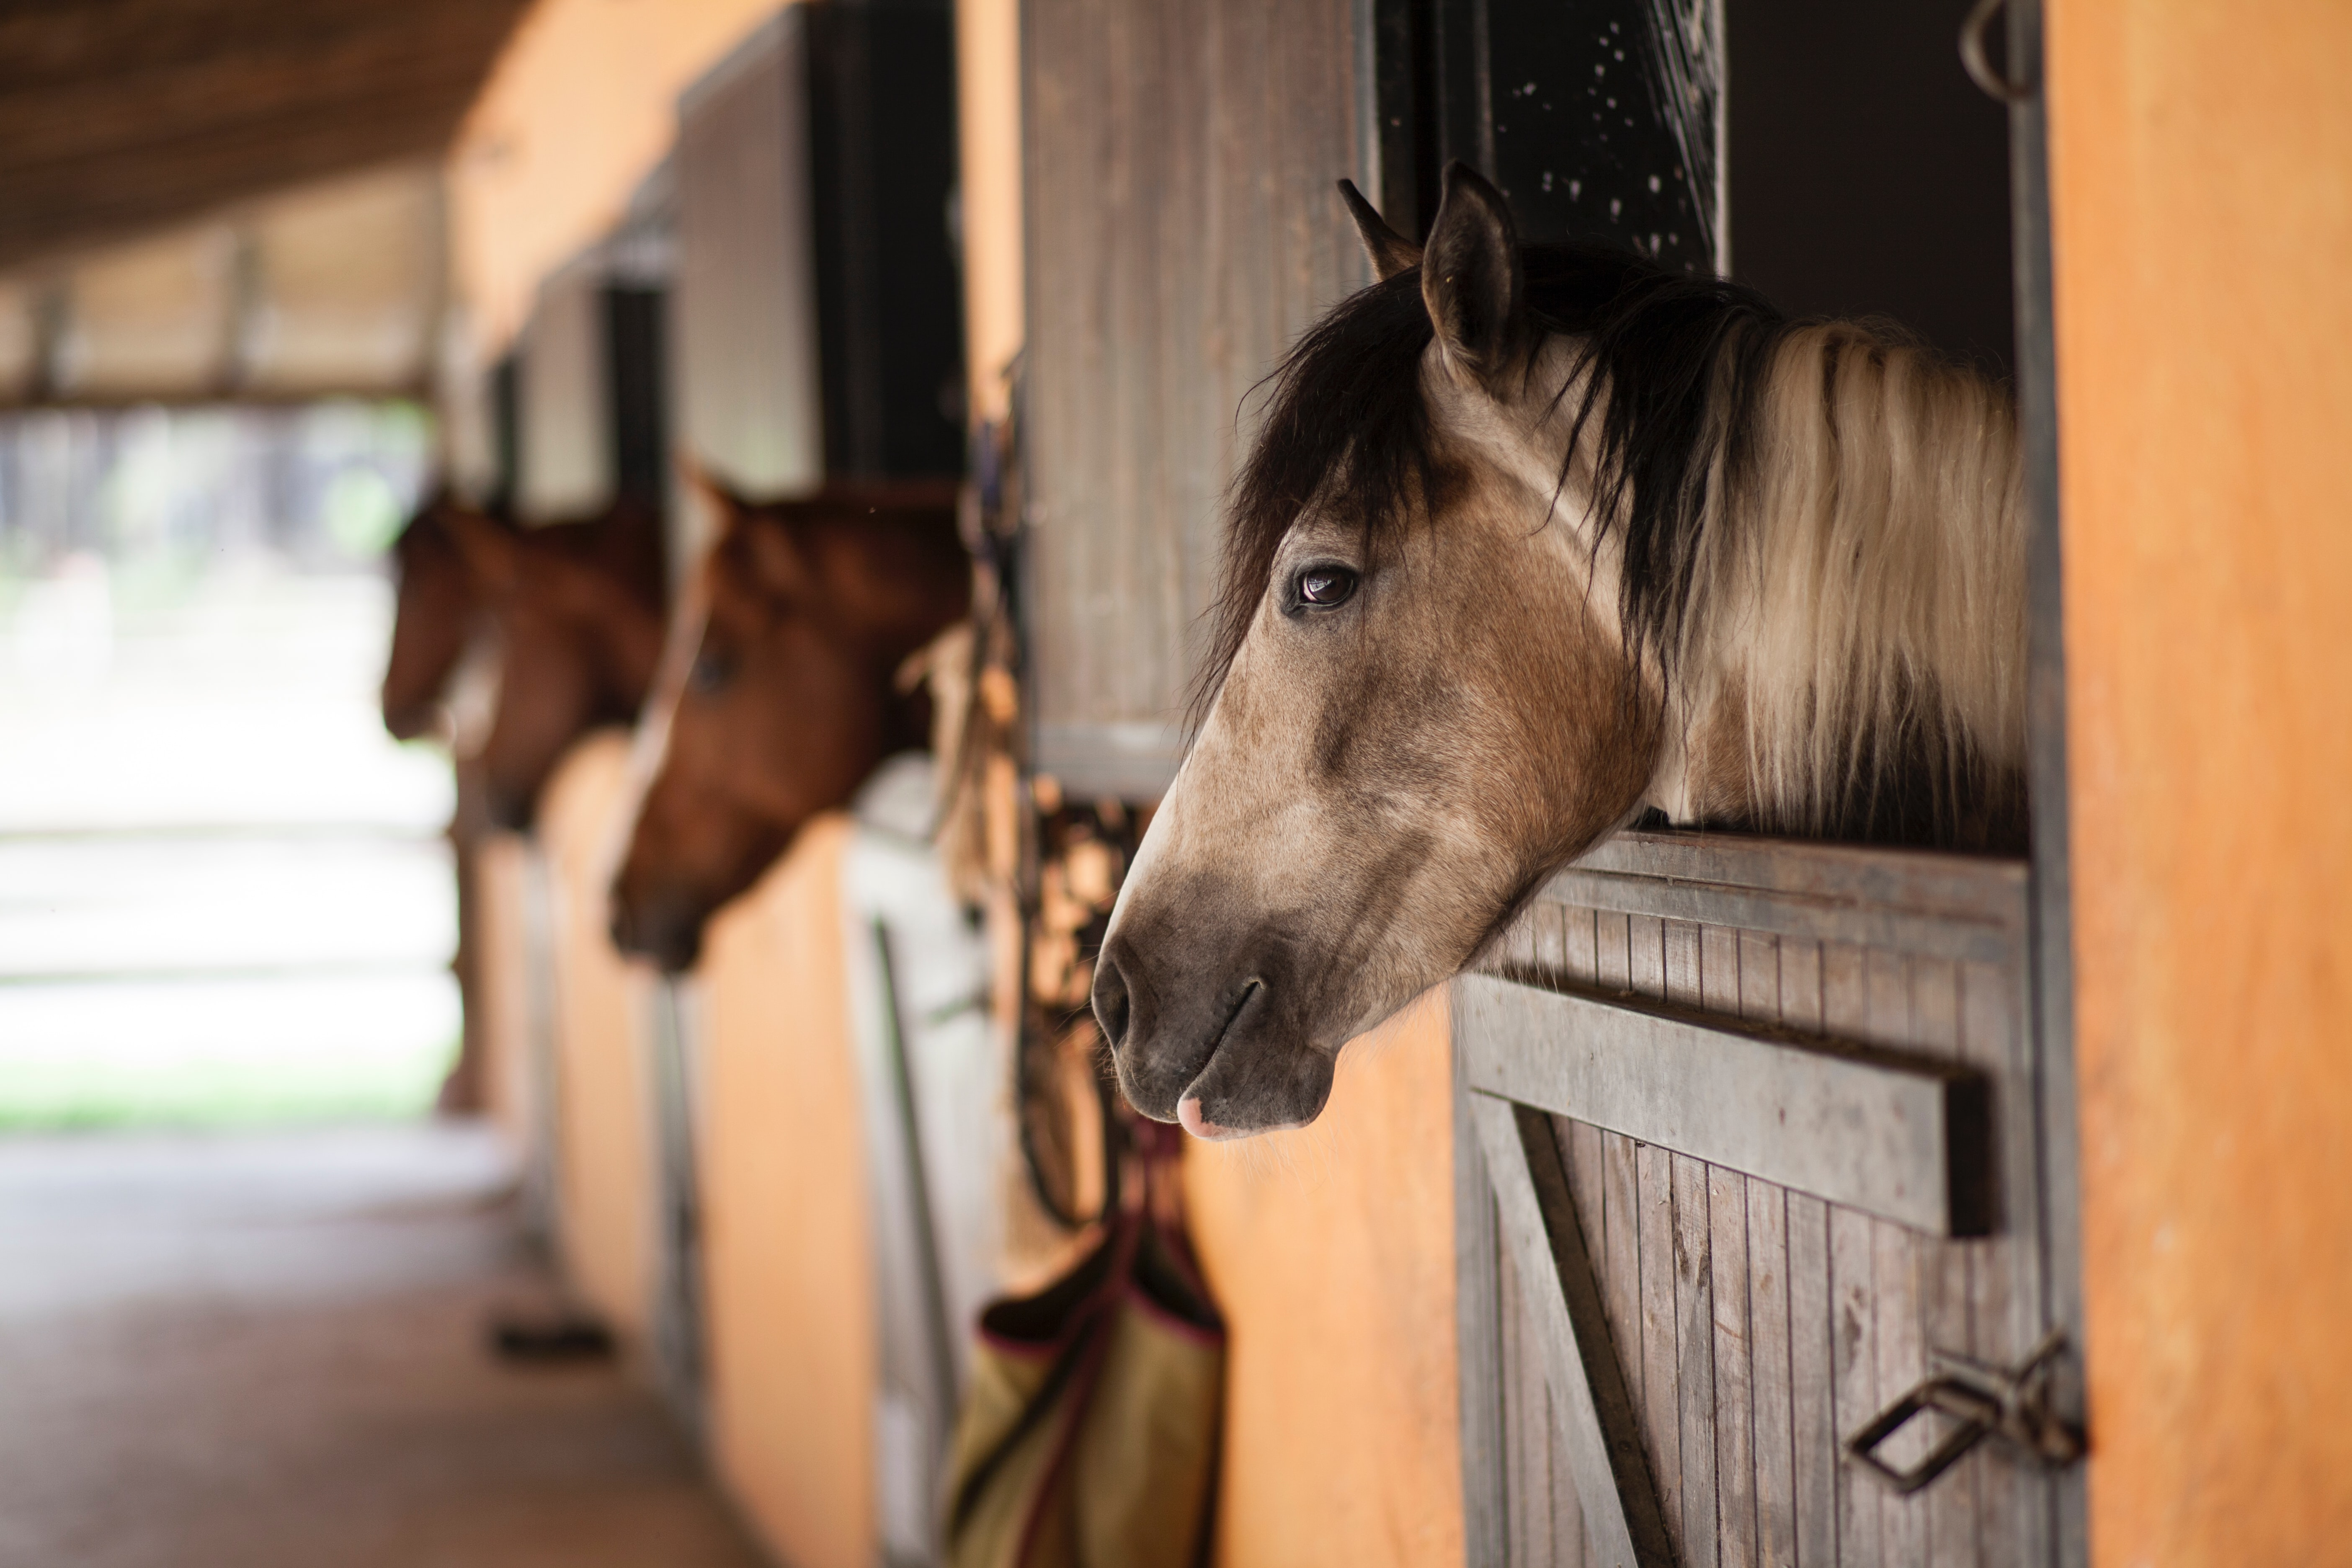 Dromenuitleg, Dromen over paarden